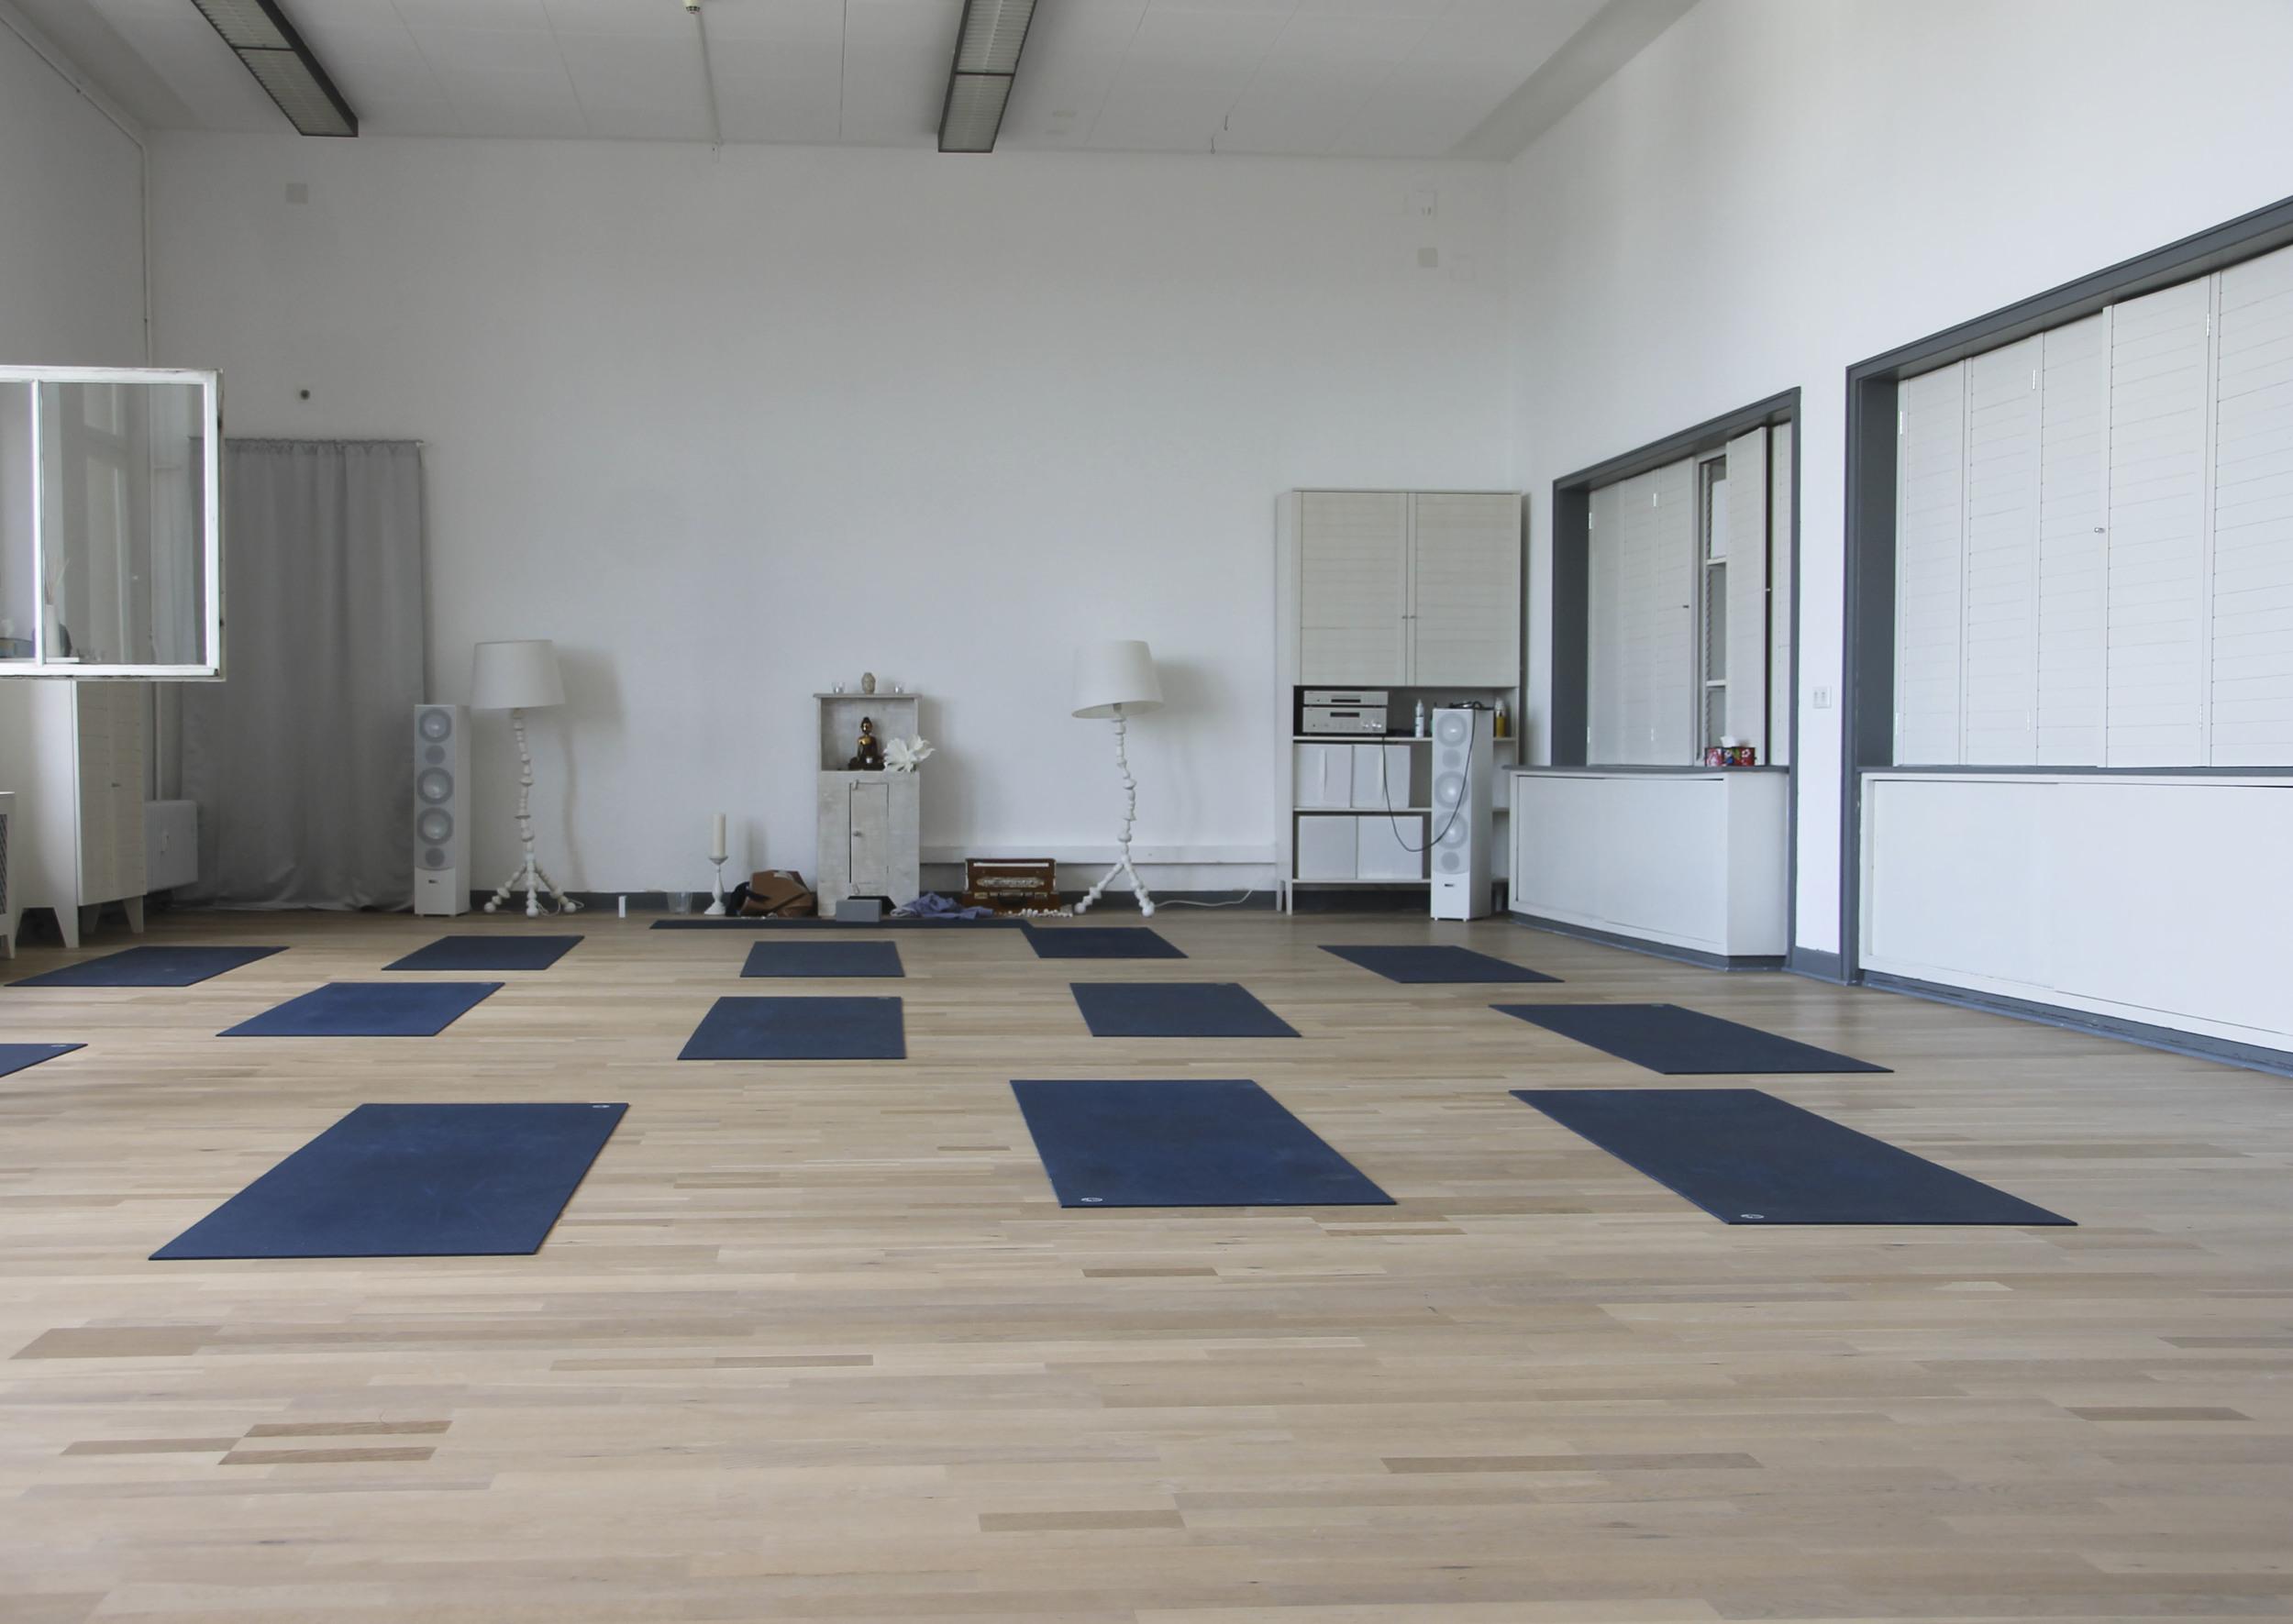 Yogakitchen Yoga Studio Oberkassel Düsseldorf4206.jpg